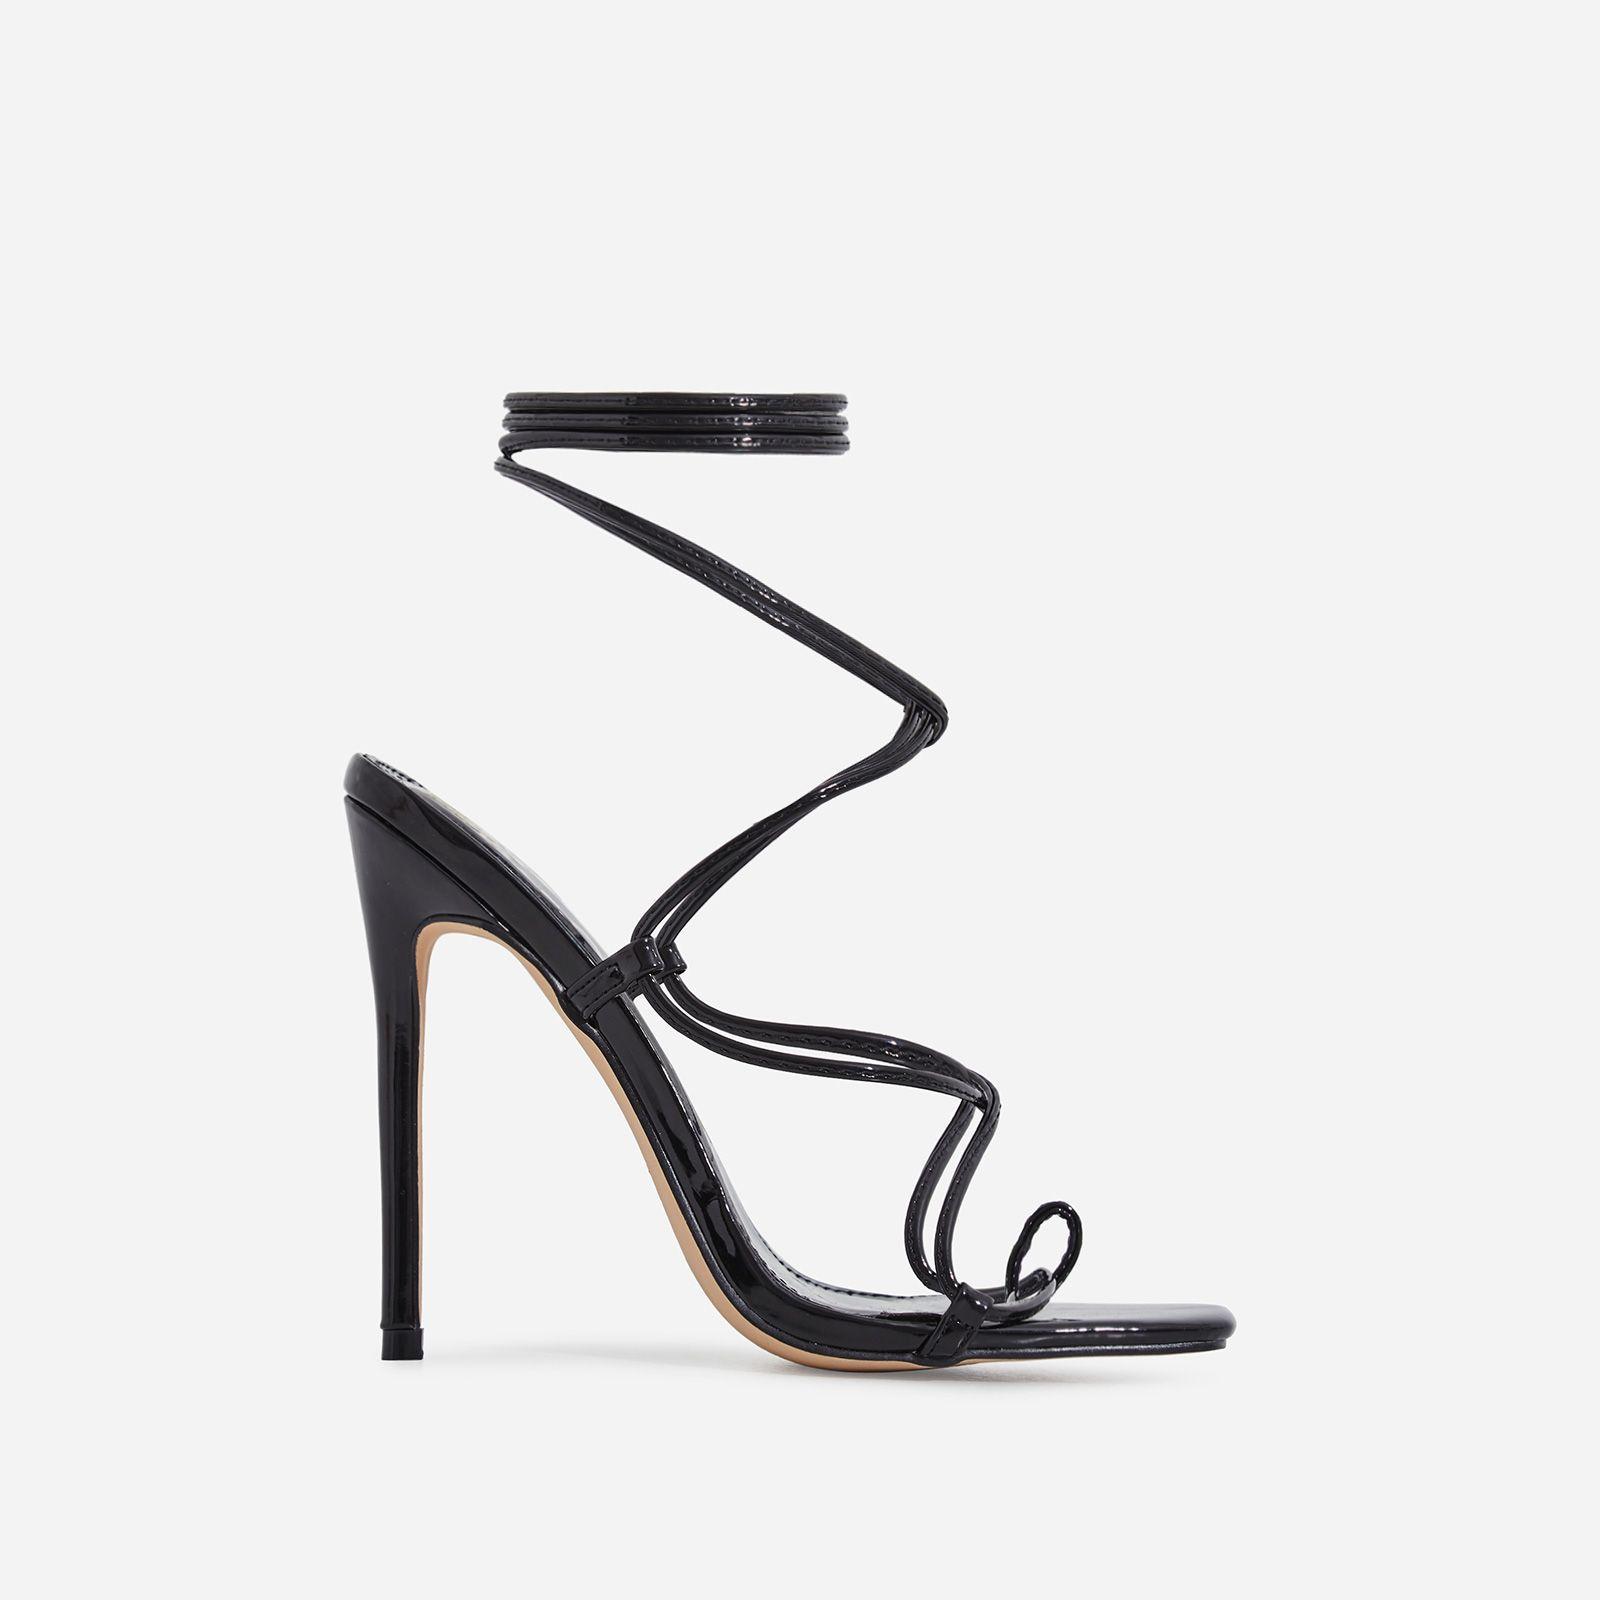 Paris Square Toe Lace Up Heel In Black